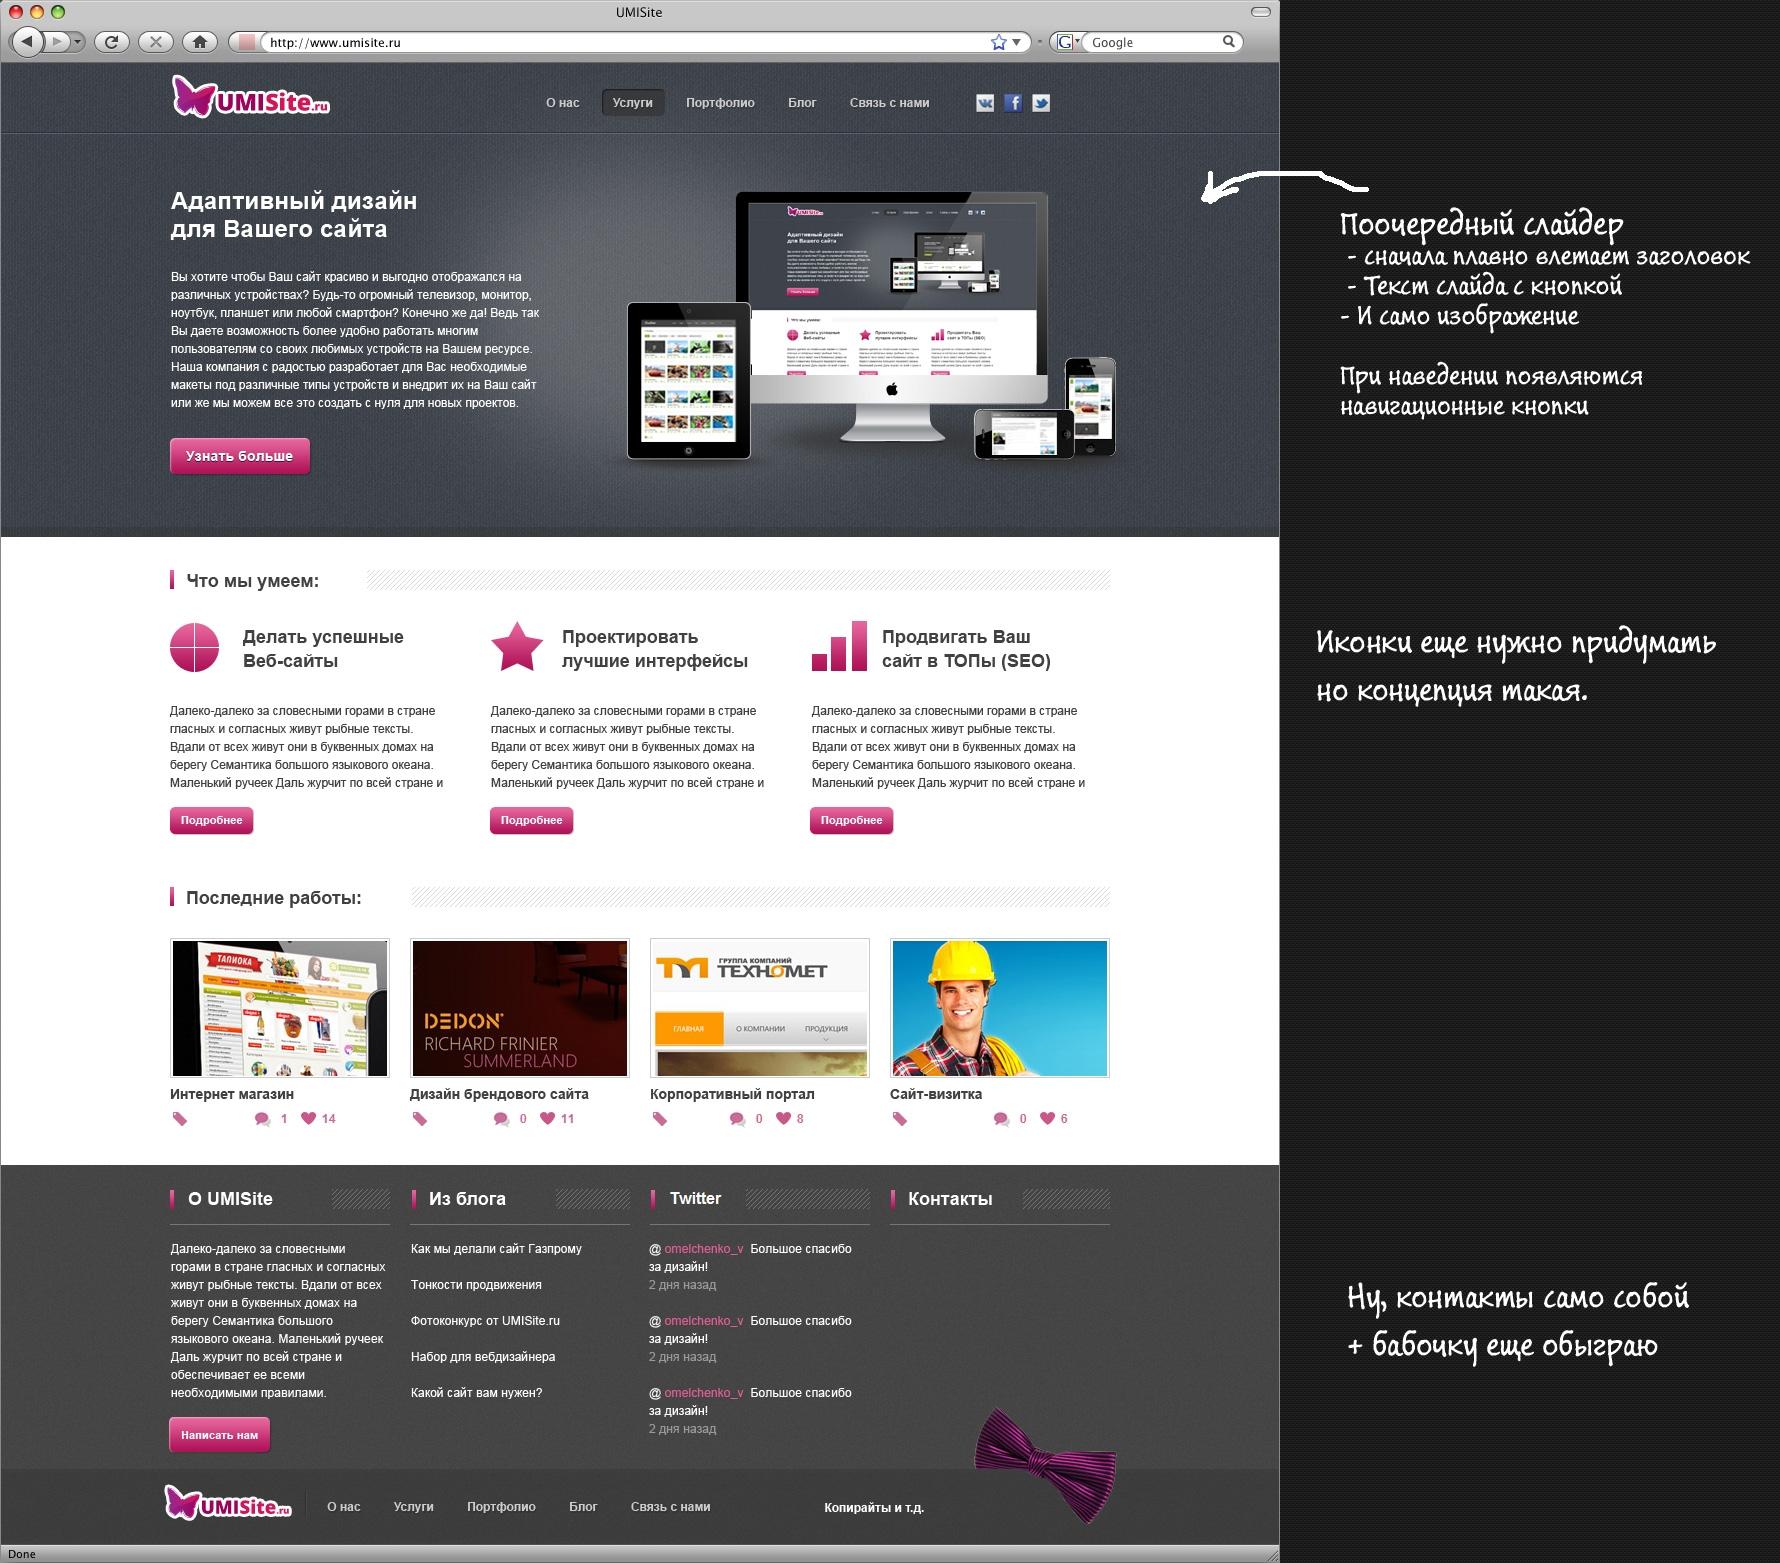 Как разрабатывать дизайн сайта?